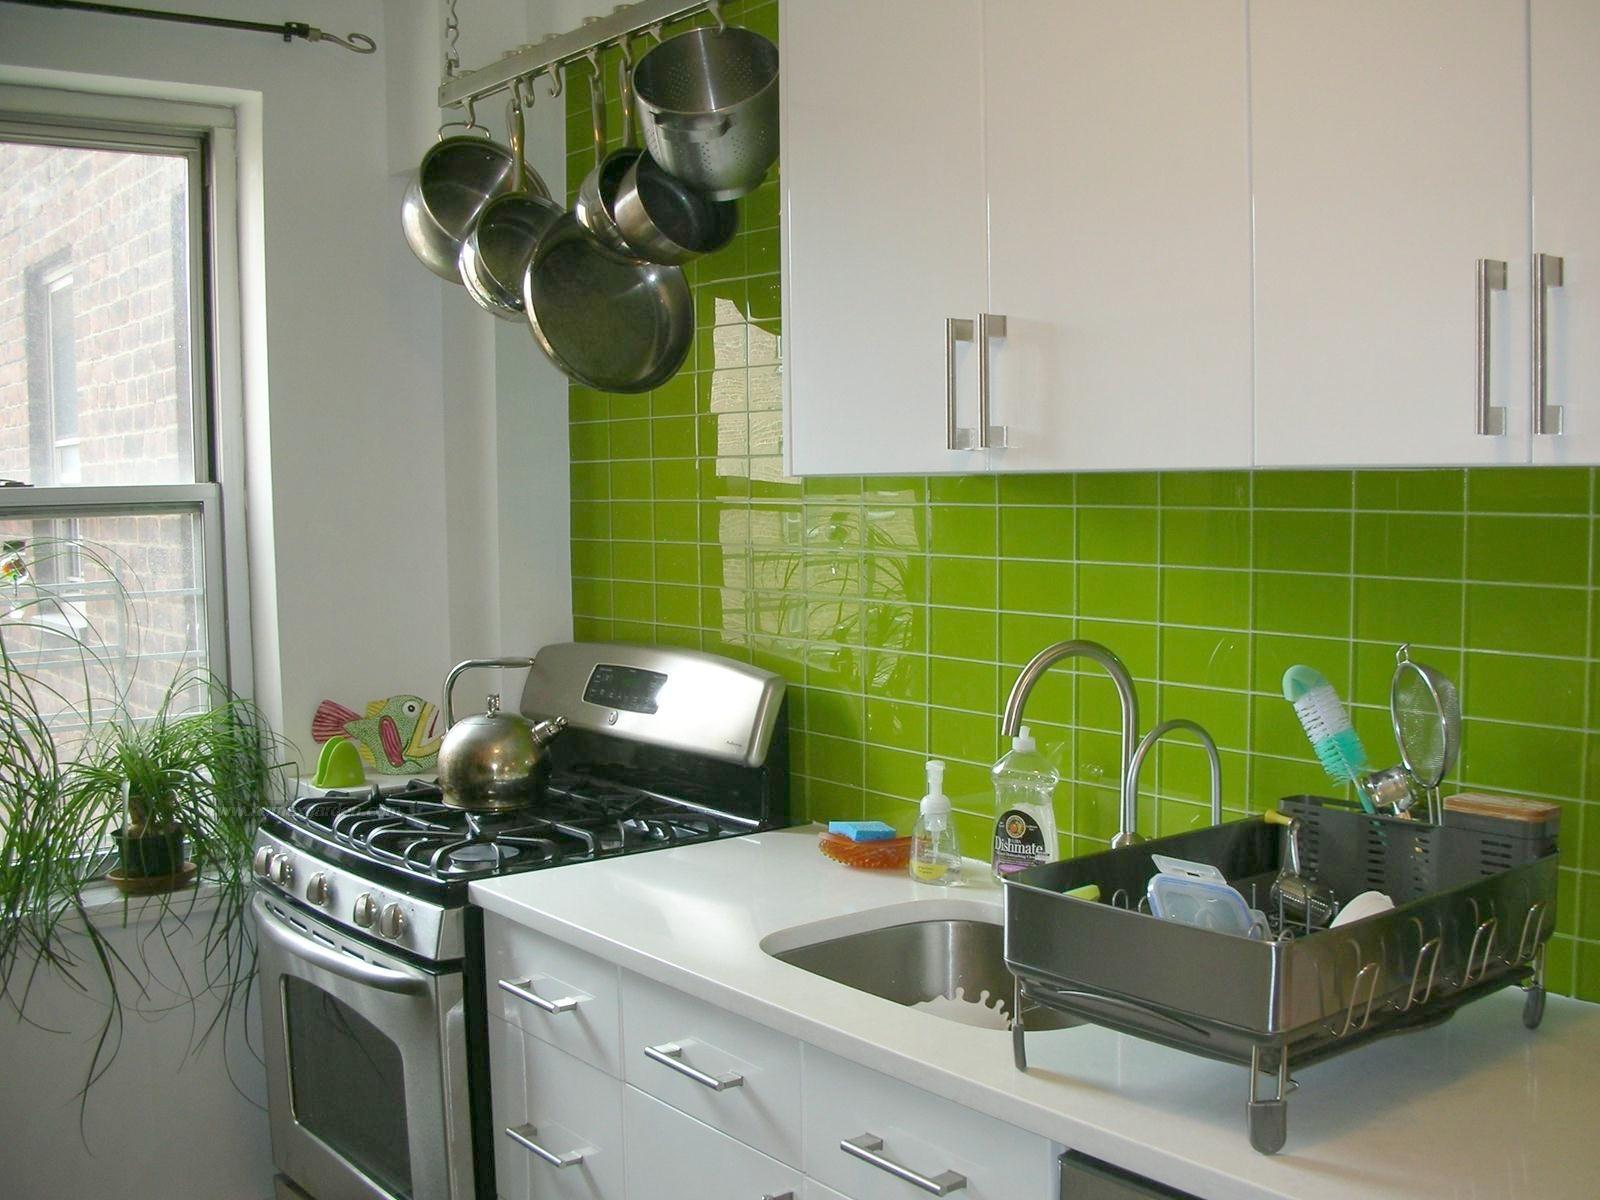 Плитка для маленькой кухни на кухни дизайн